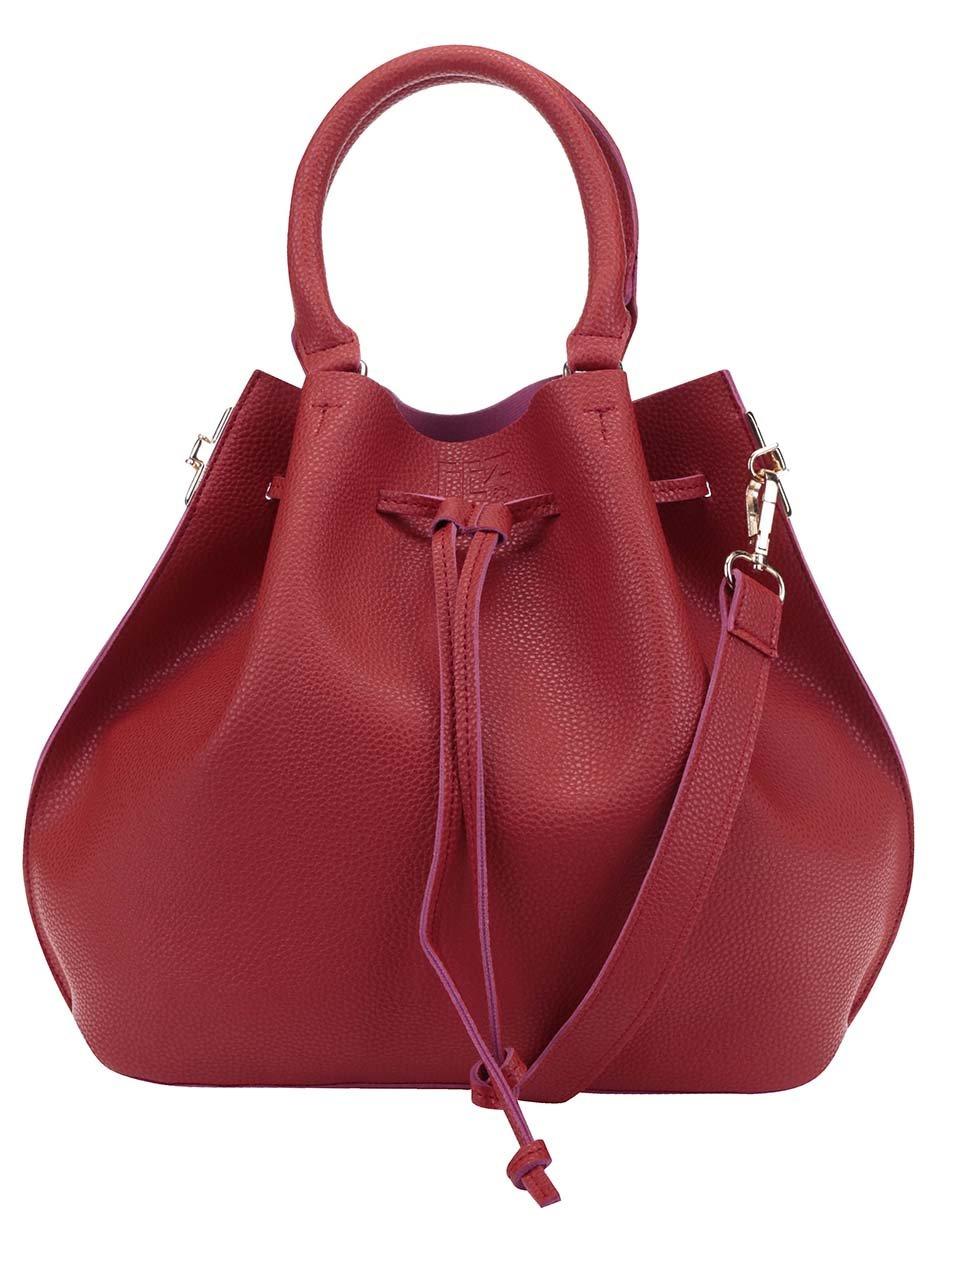 Červená kabelka Fez by Fez Secchiello